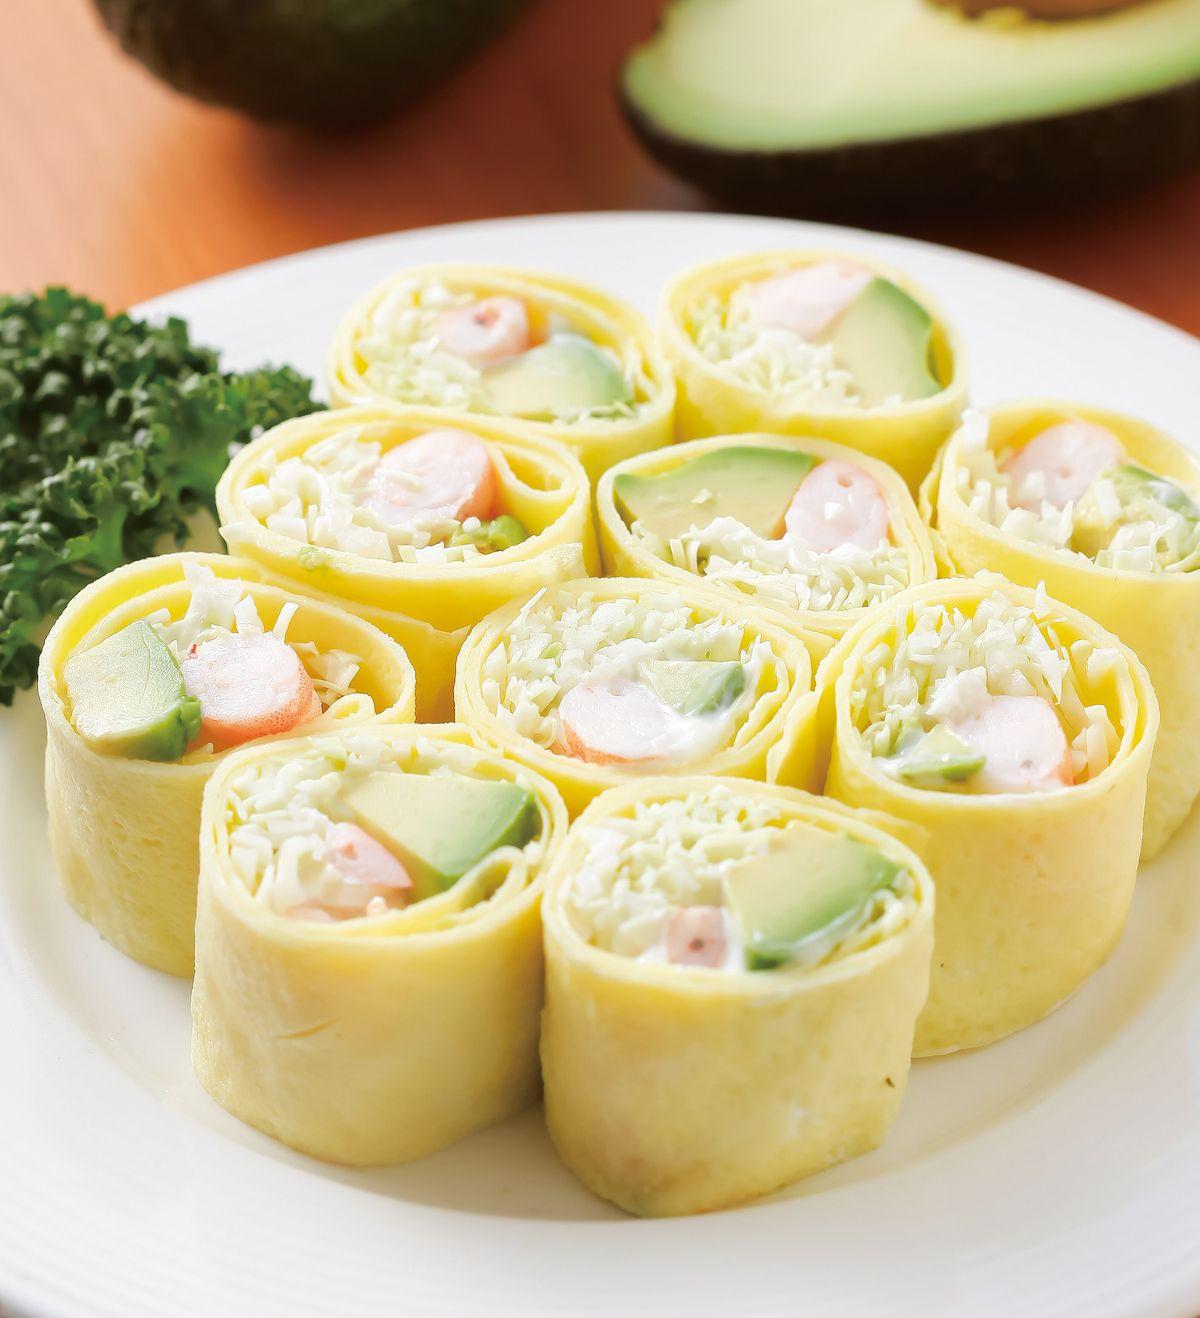 食譜:酪梨沙拉蛋捲